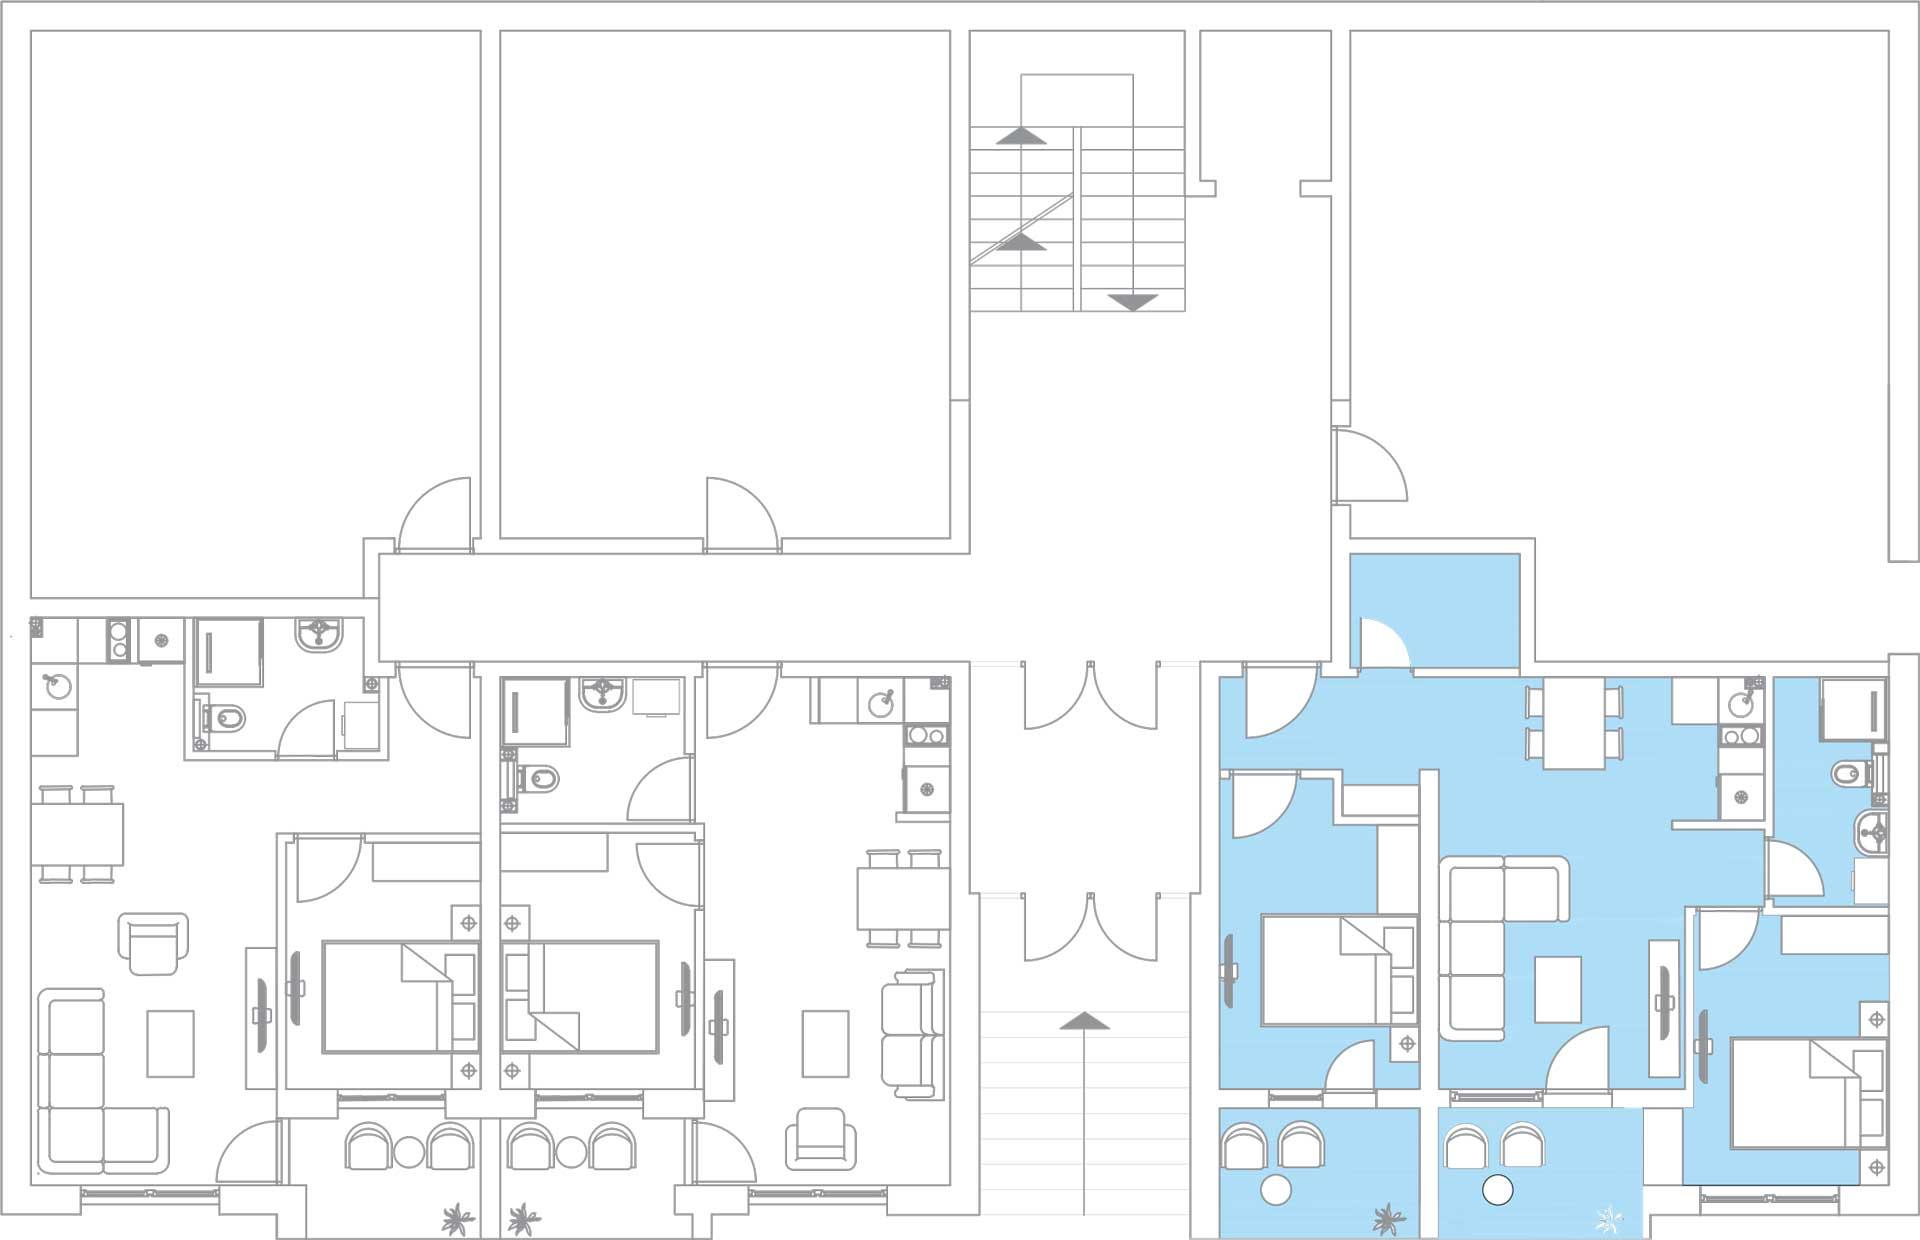 orjentacija-stambene-jedinice-A2